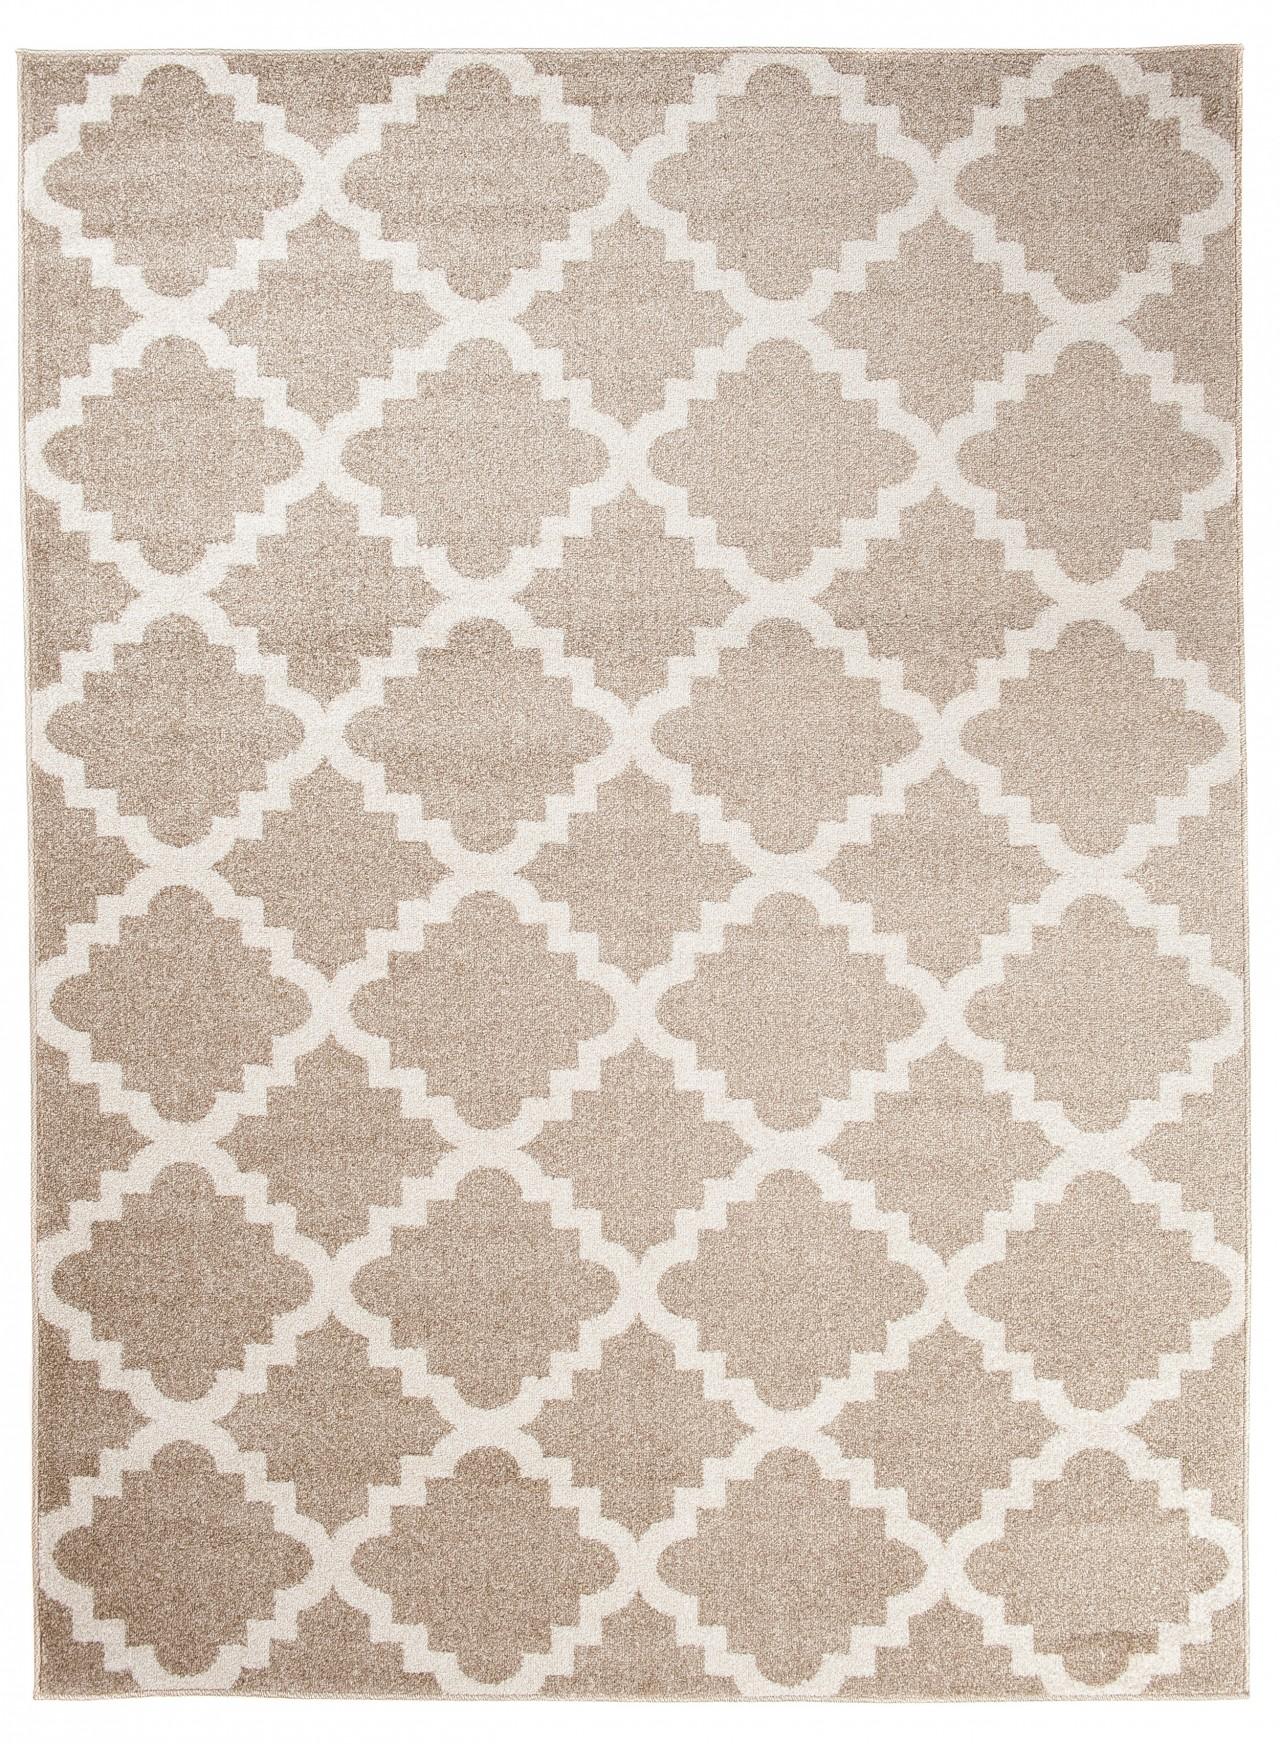 designer teppich beige marokkanisches modern muster wohnzimmer esszimmer ebay. Black Bedroom Furniture Sets. Home Design Ideas